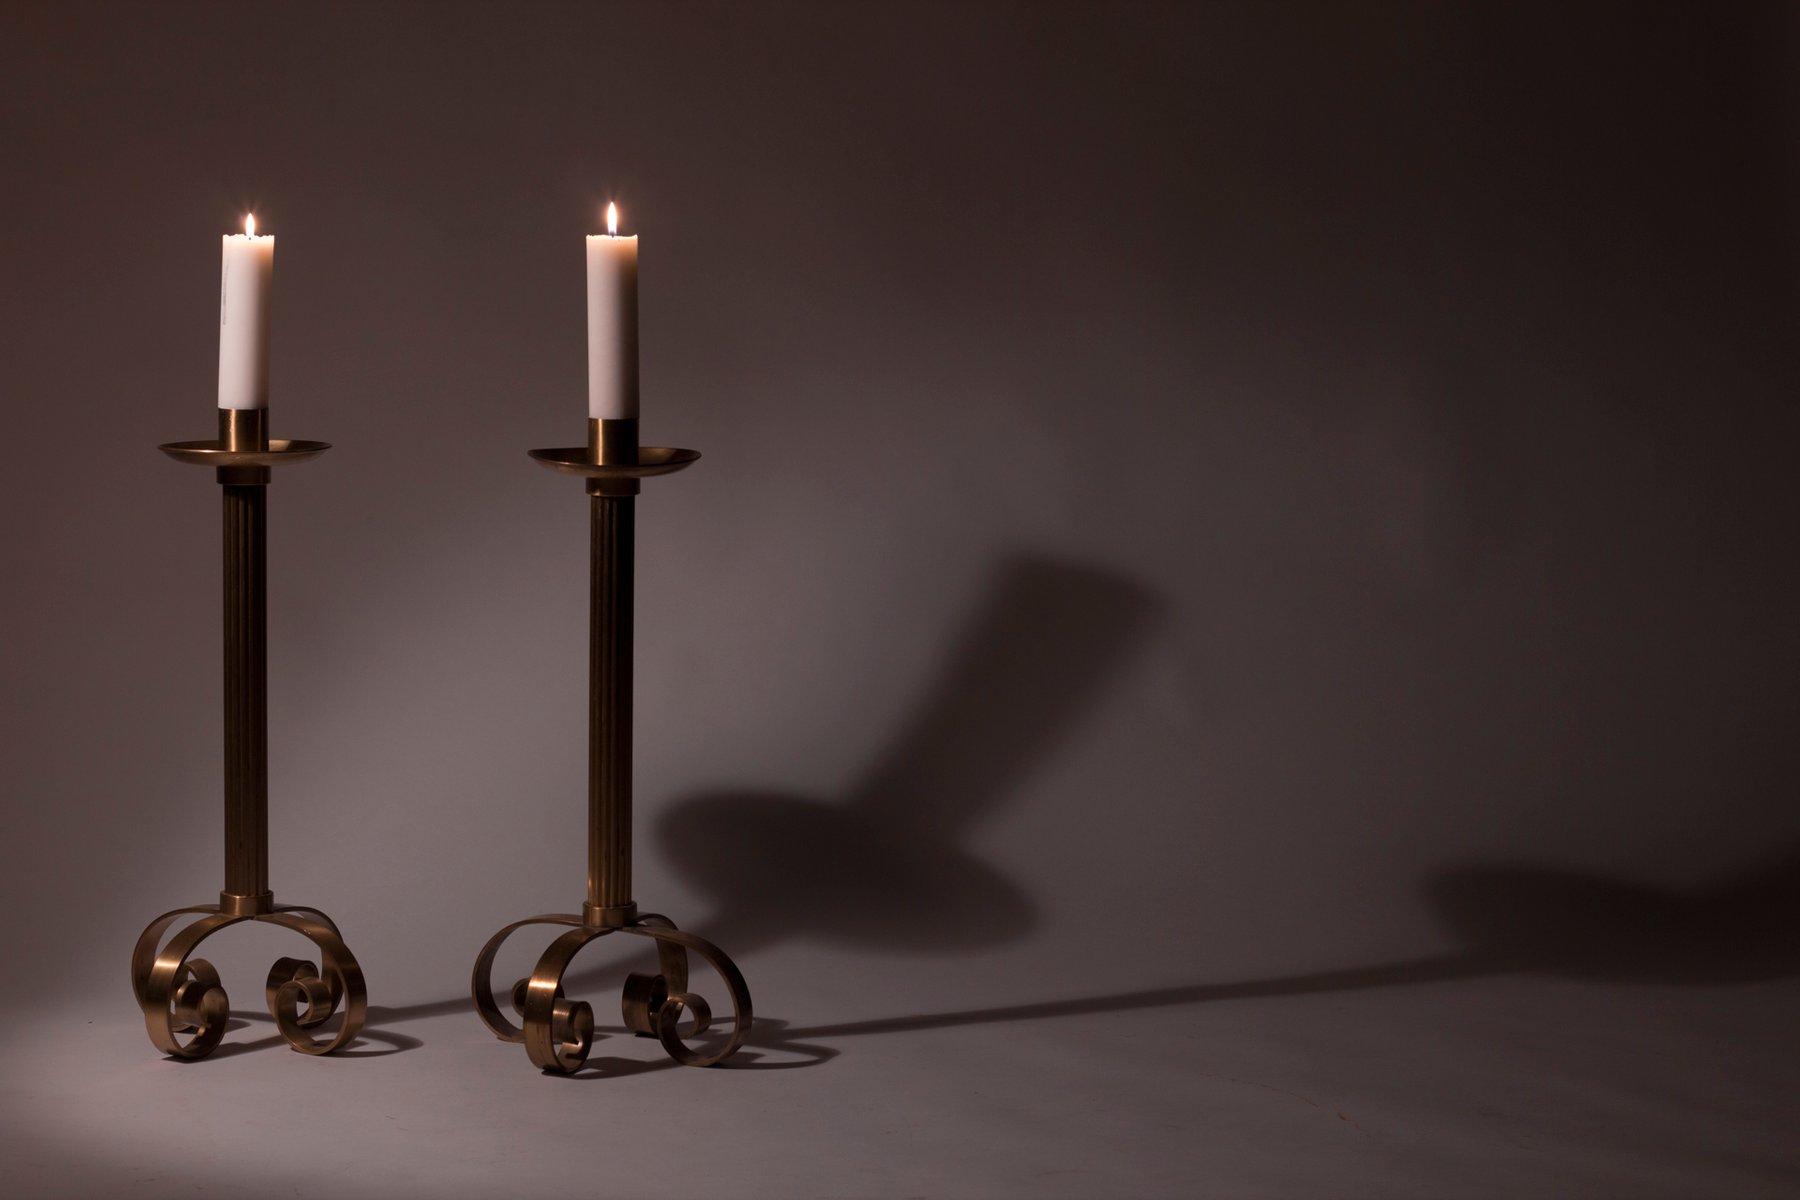 gro e skandinavische kerzenst nder aus messing von ystad metall 1940er 2er set bei pamono kaufen. Black Bedroom Furniture Sets. Home Design Ideas